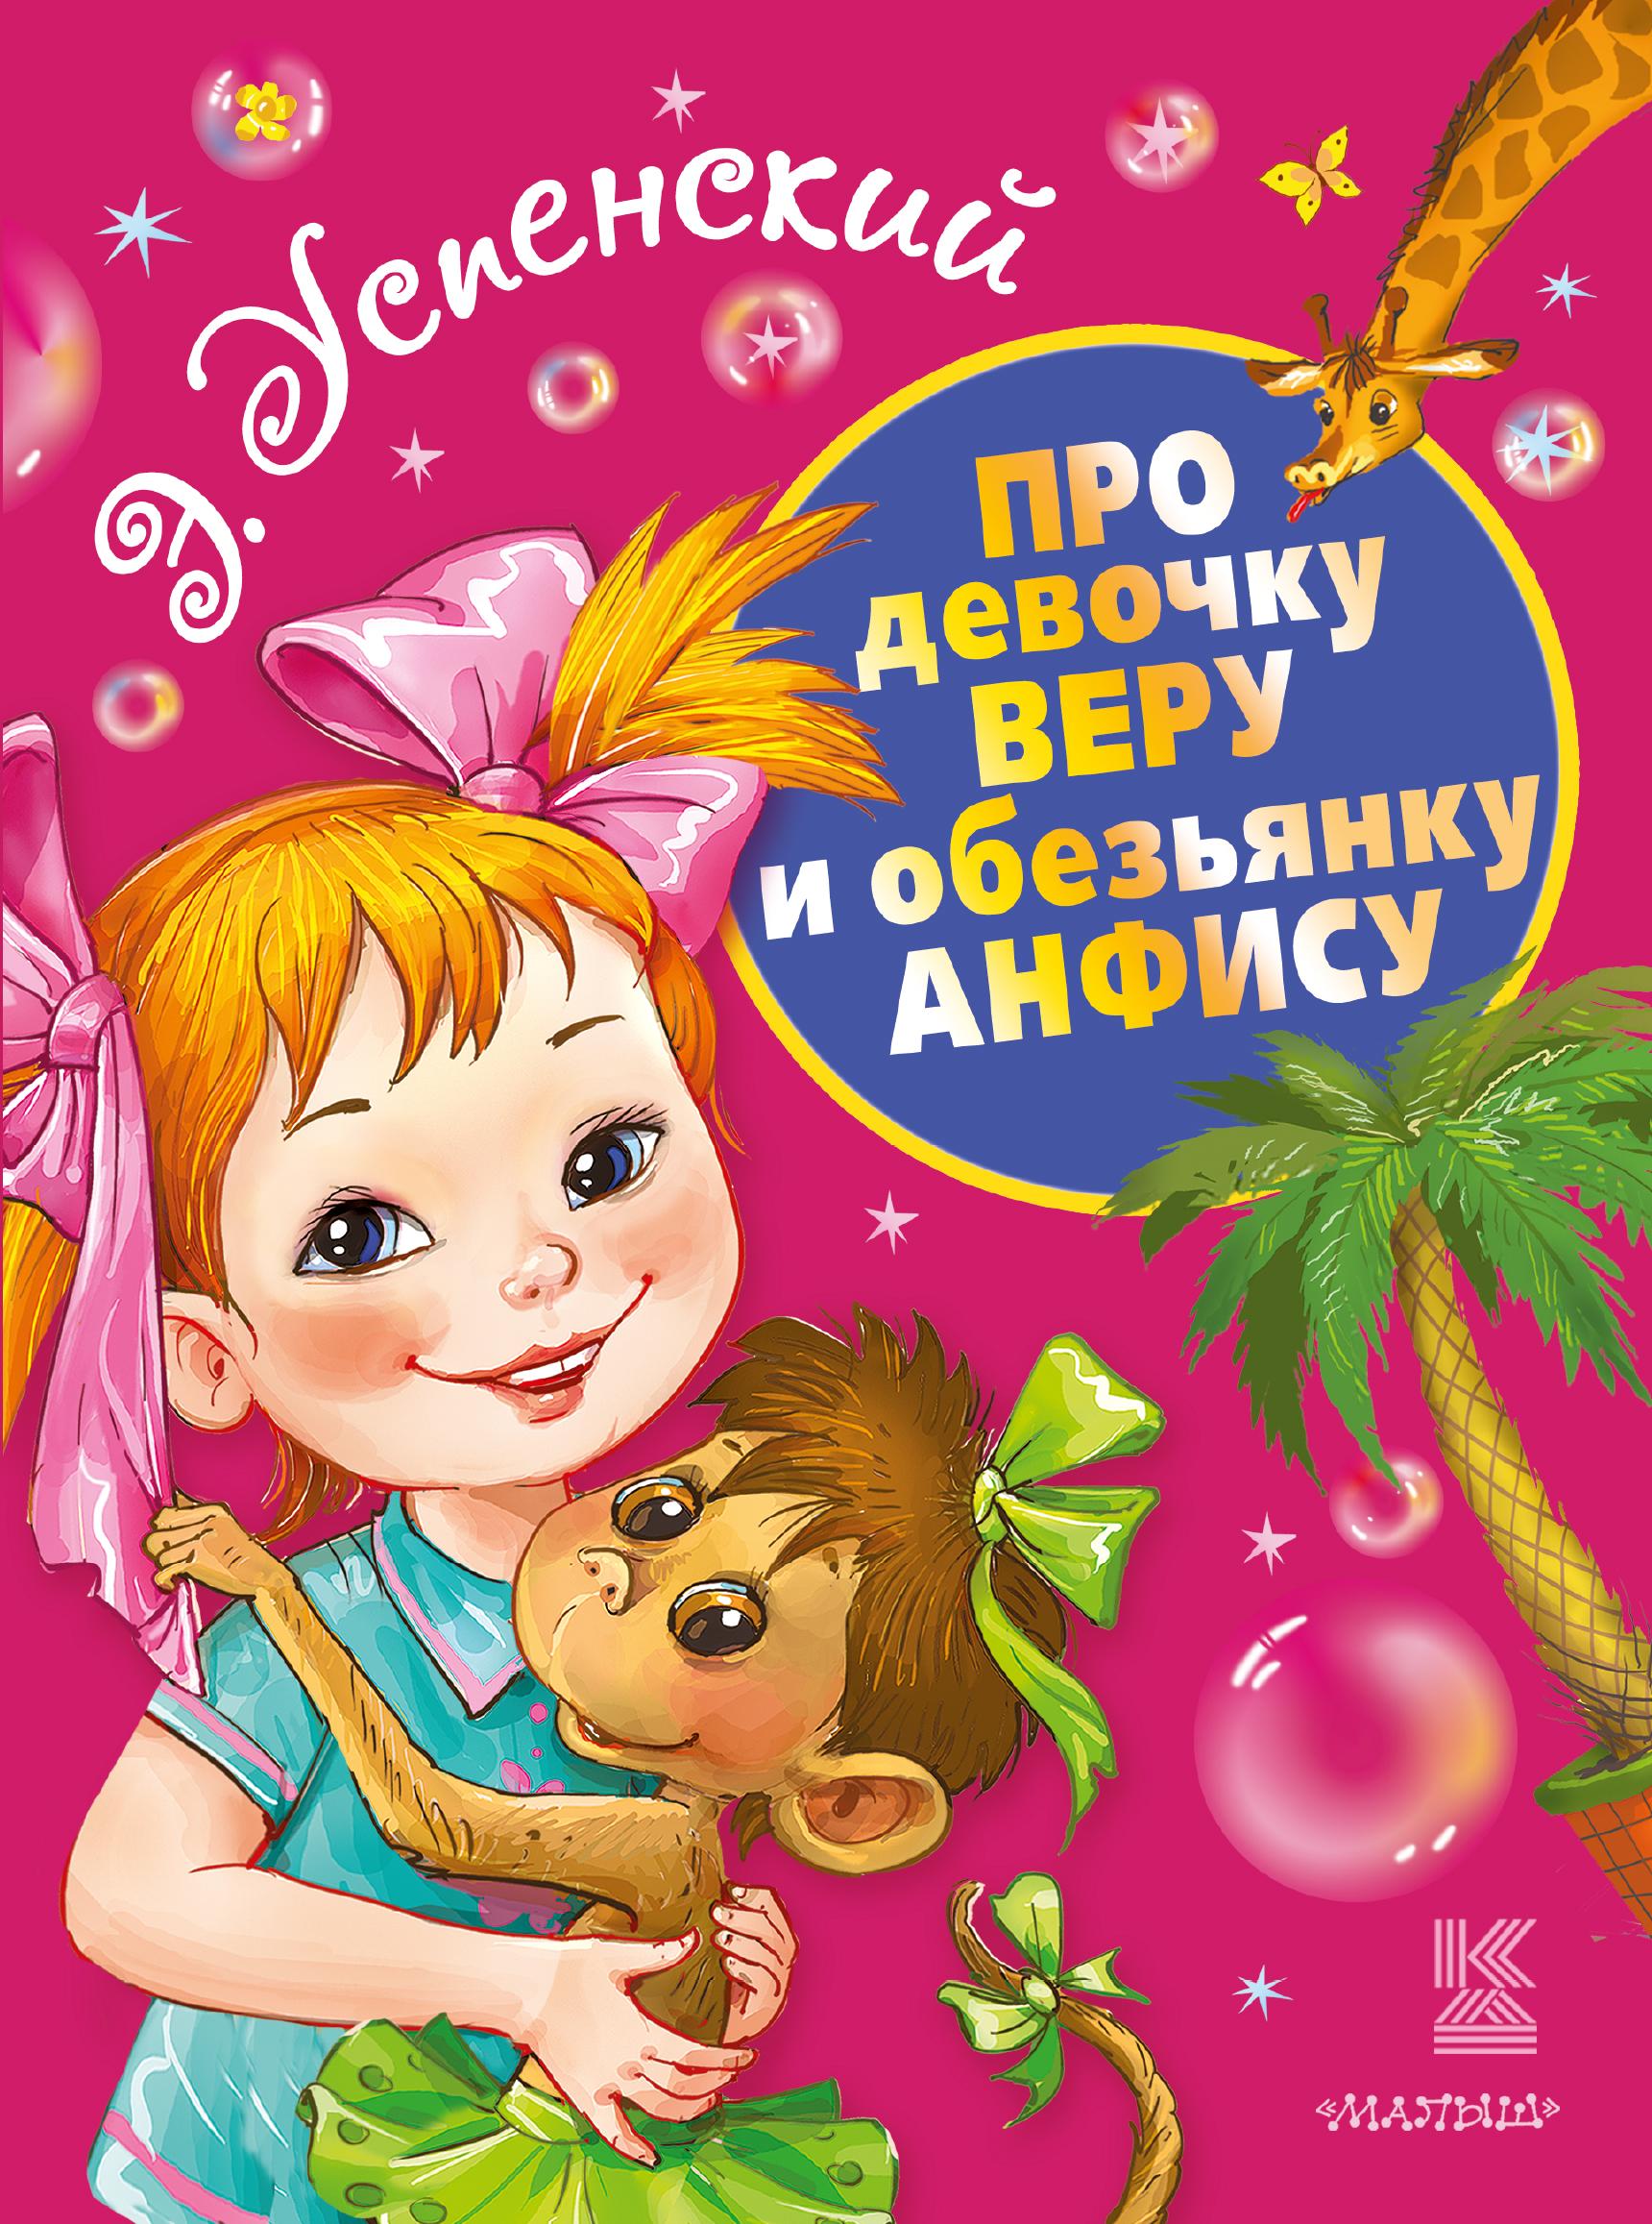 Успенский Э.Н. Про девочку Веру и обезьянку Анфису